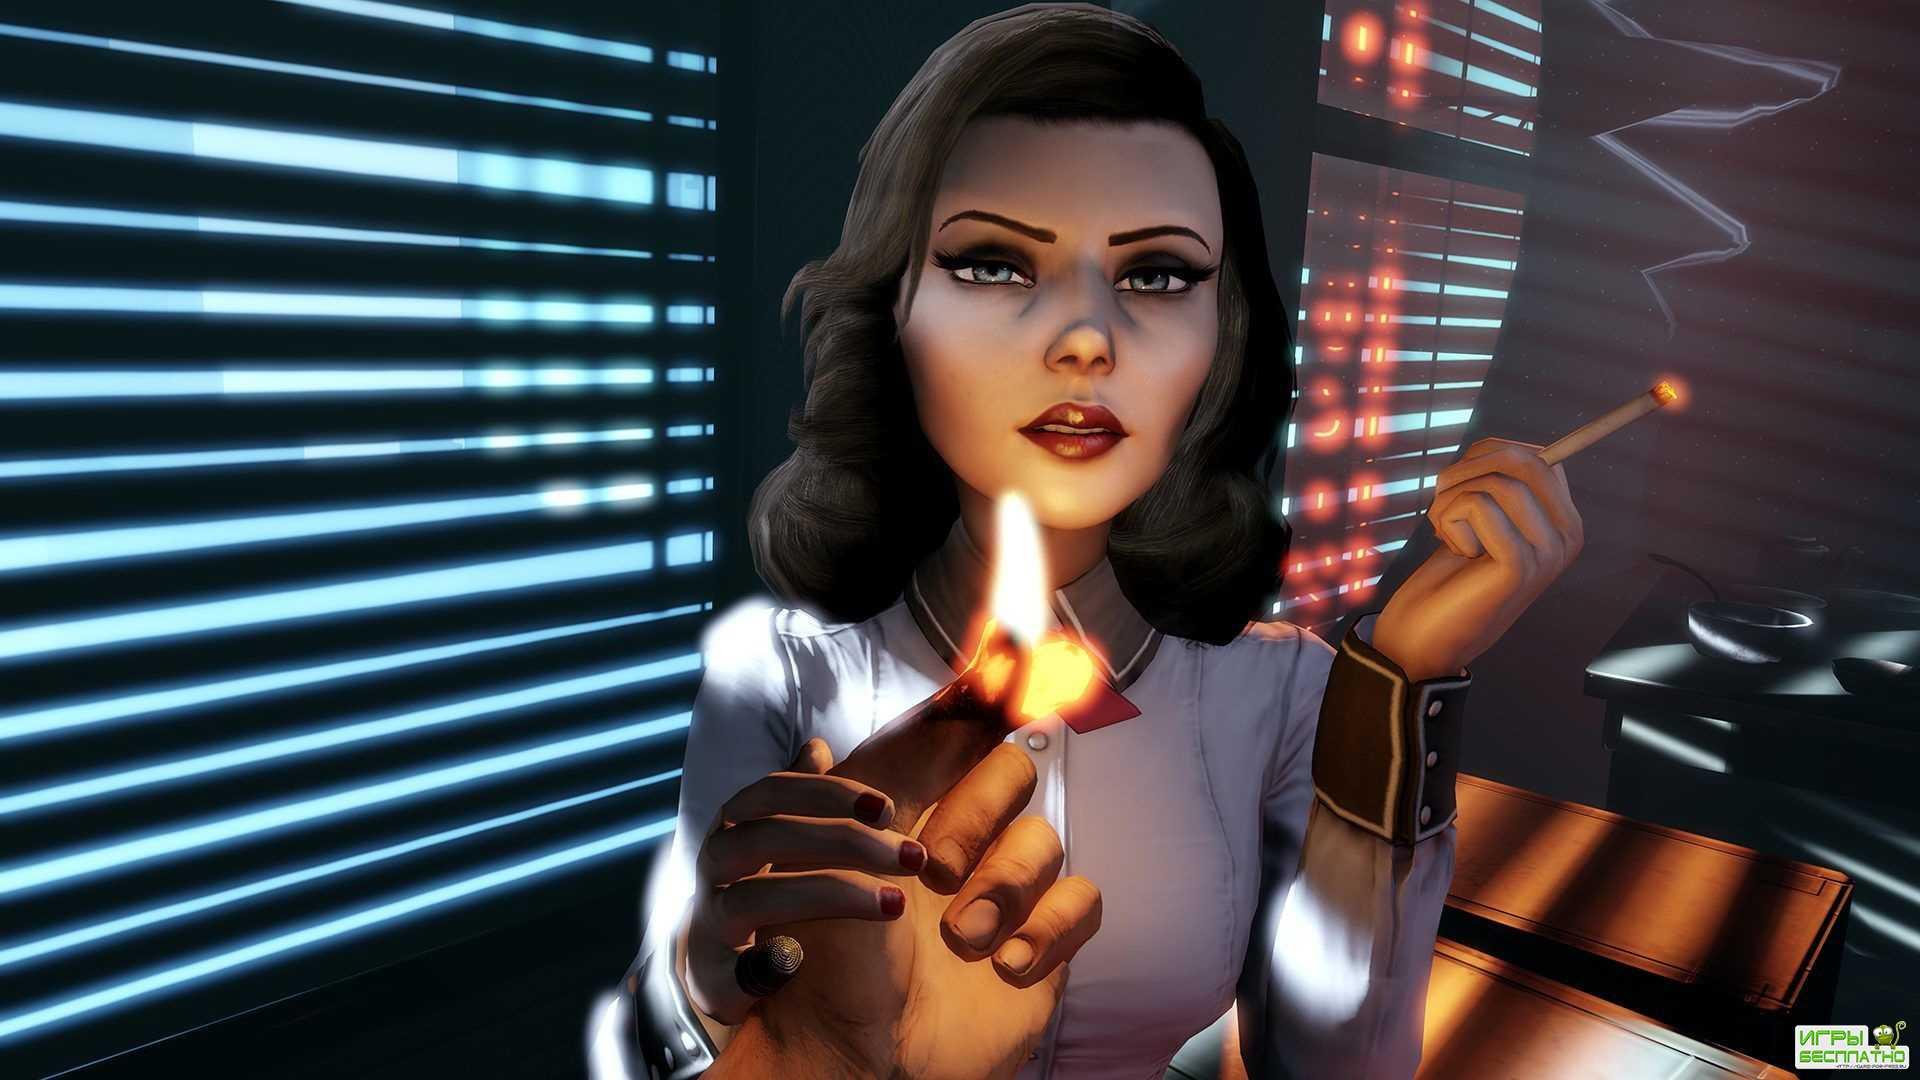 BioShock 4 будет игрой с открытым миром и городскими толпами - раскрыты новые детали игры